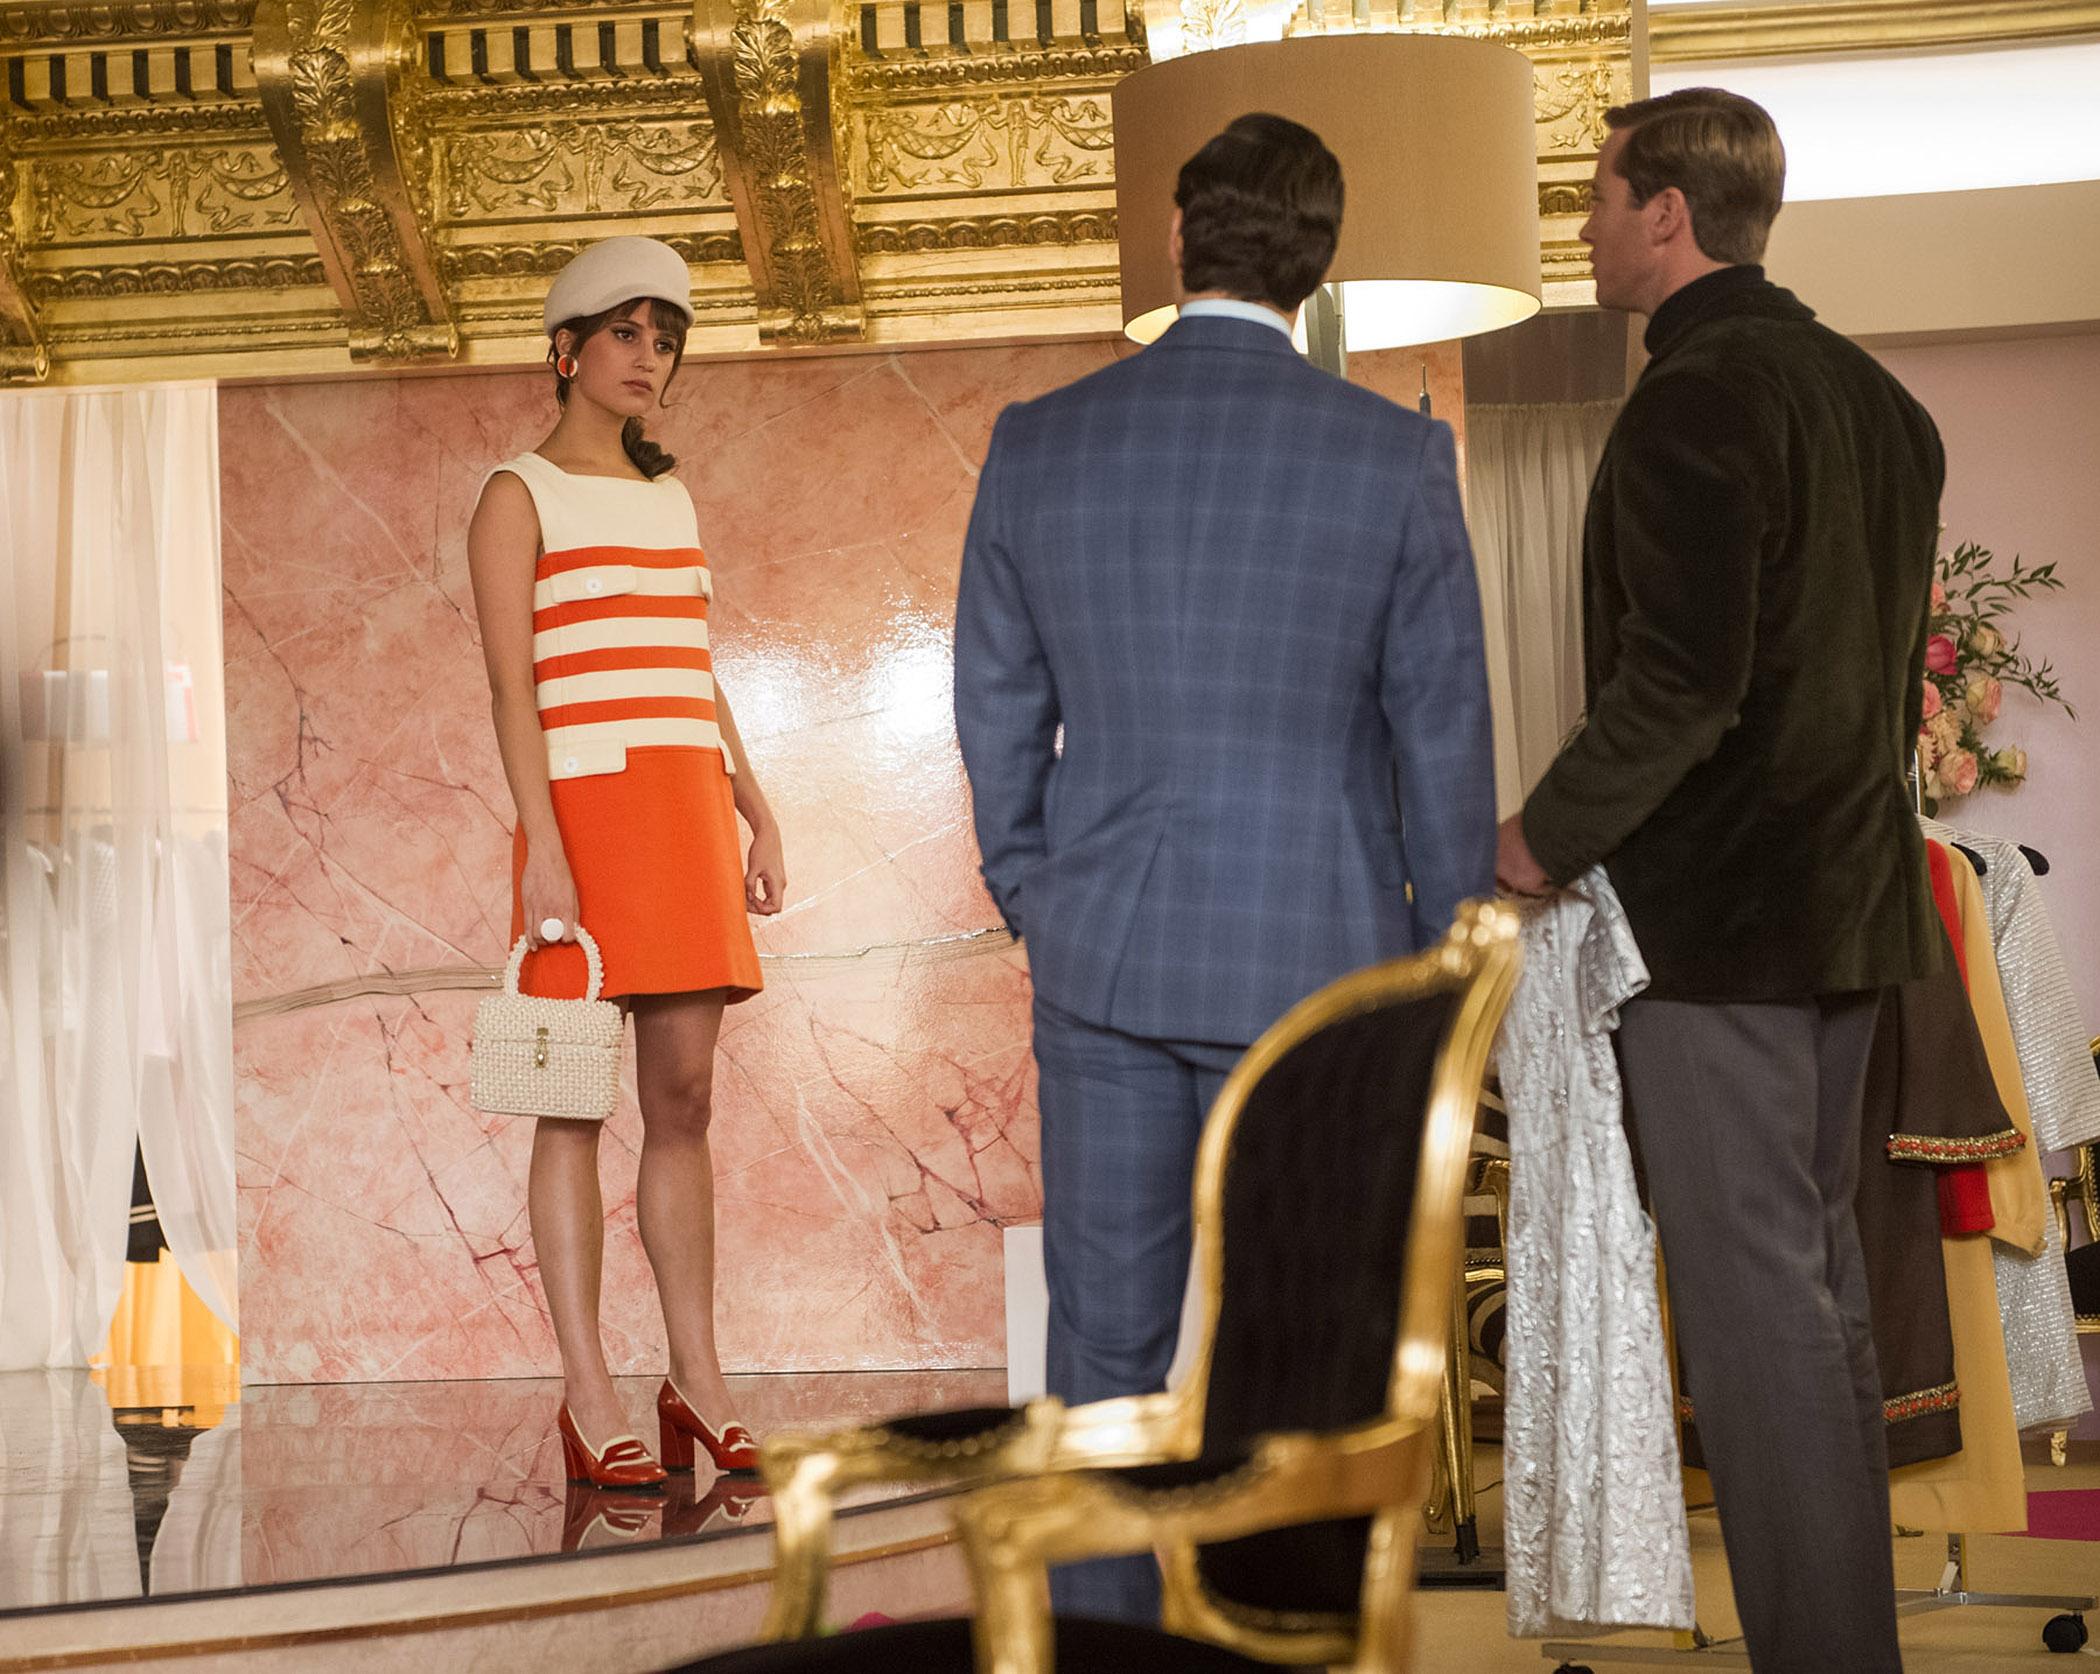 Moda: O Figurino Retrô Do Filme O AGENTE DA UNCLE